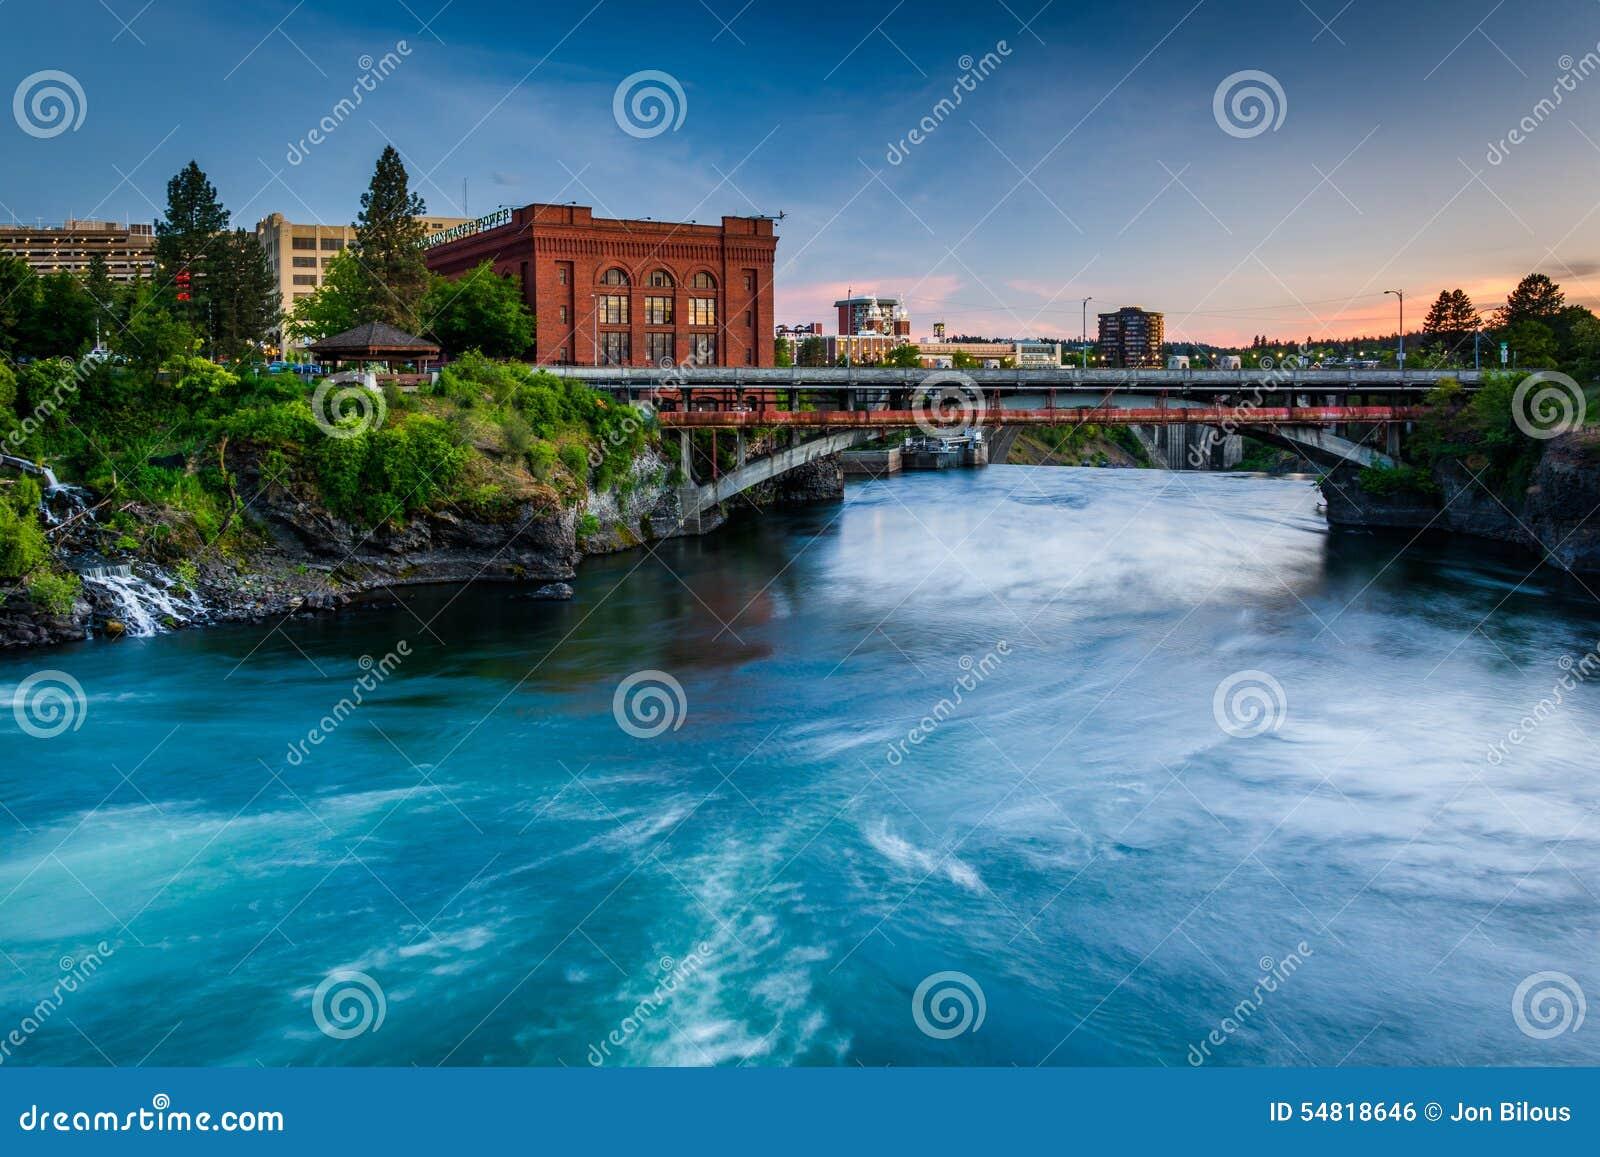 De Rivier van Spokane bij zonsondergang, in Spokane